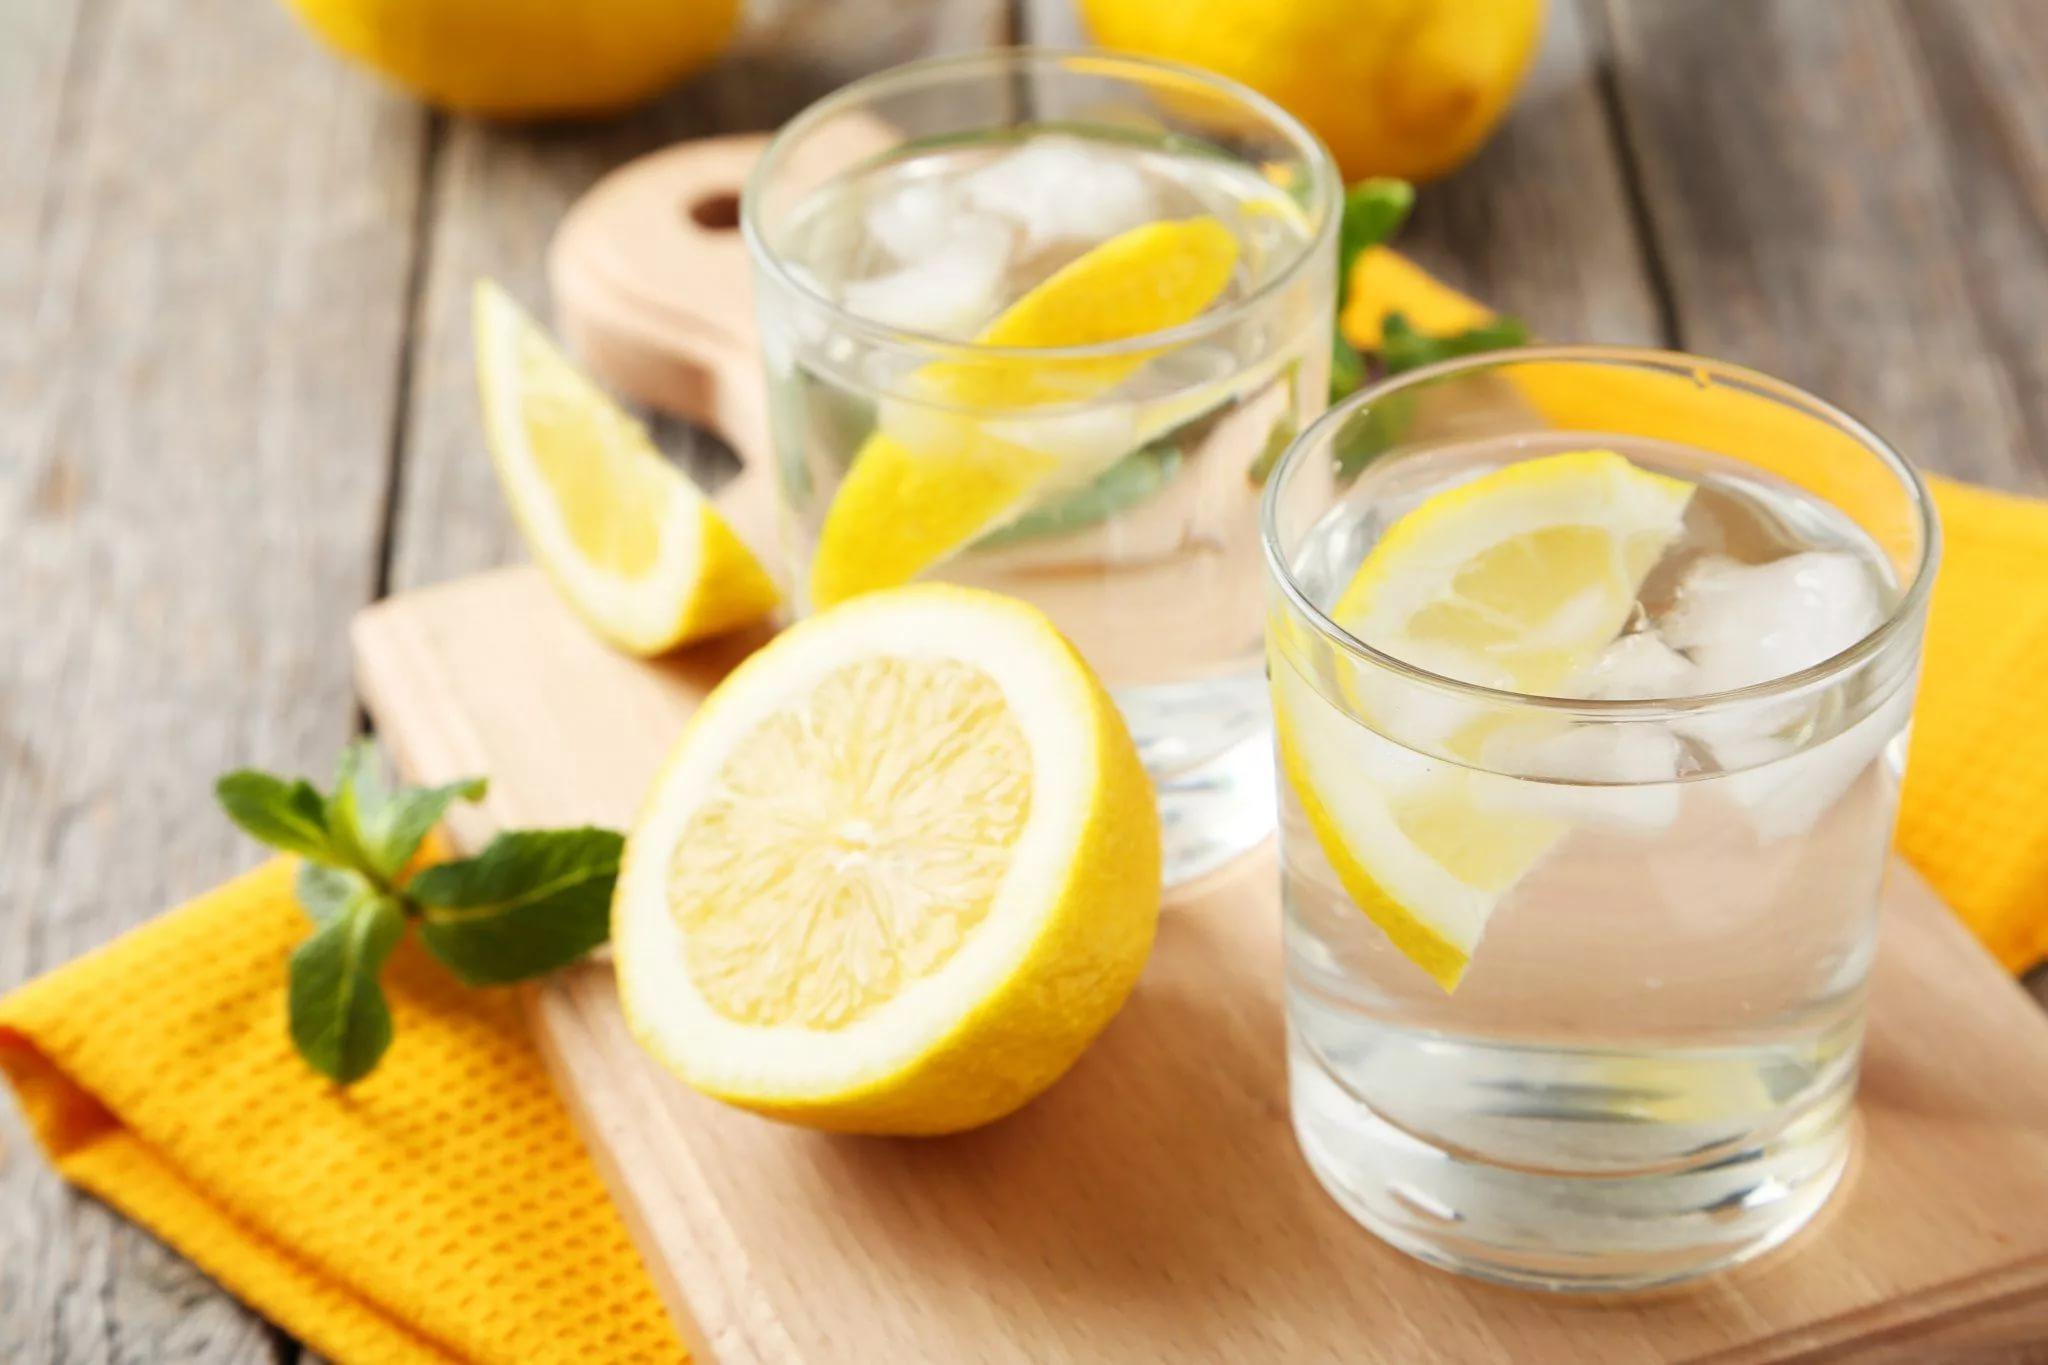 Лимоны Для Похудения На Ночь. Полезно ли употреблять лимон на ночь